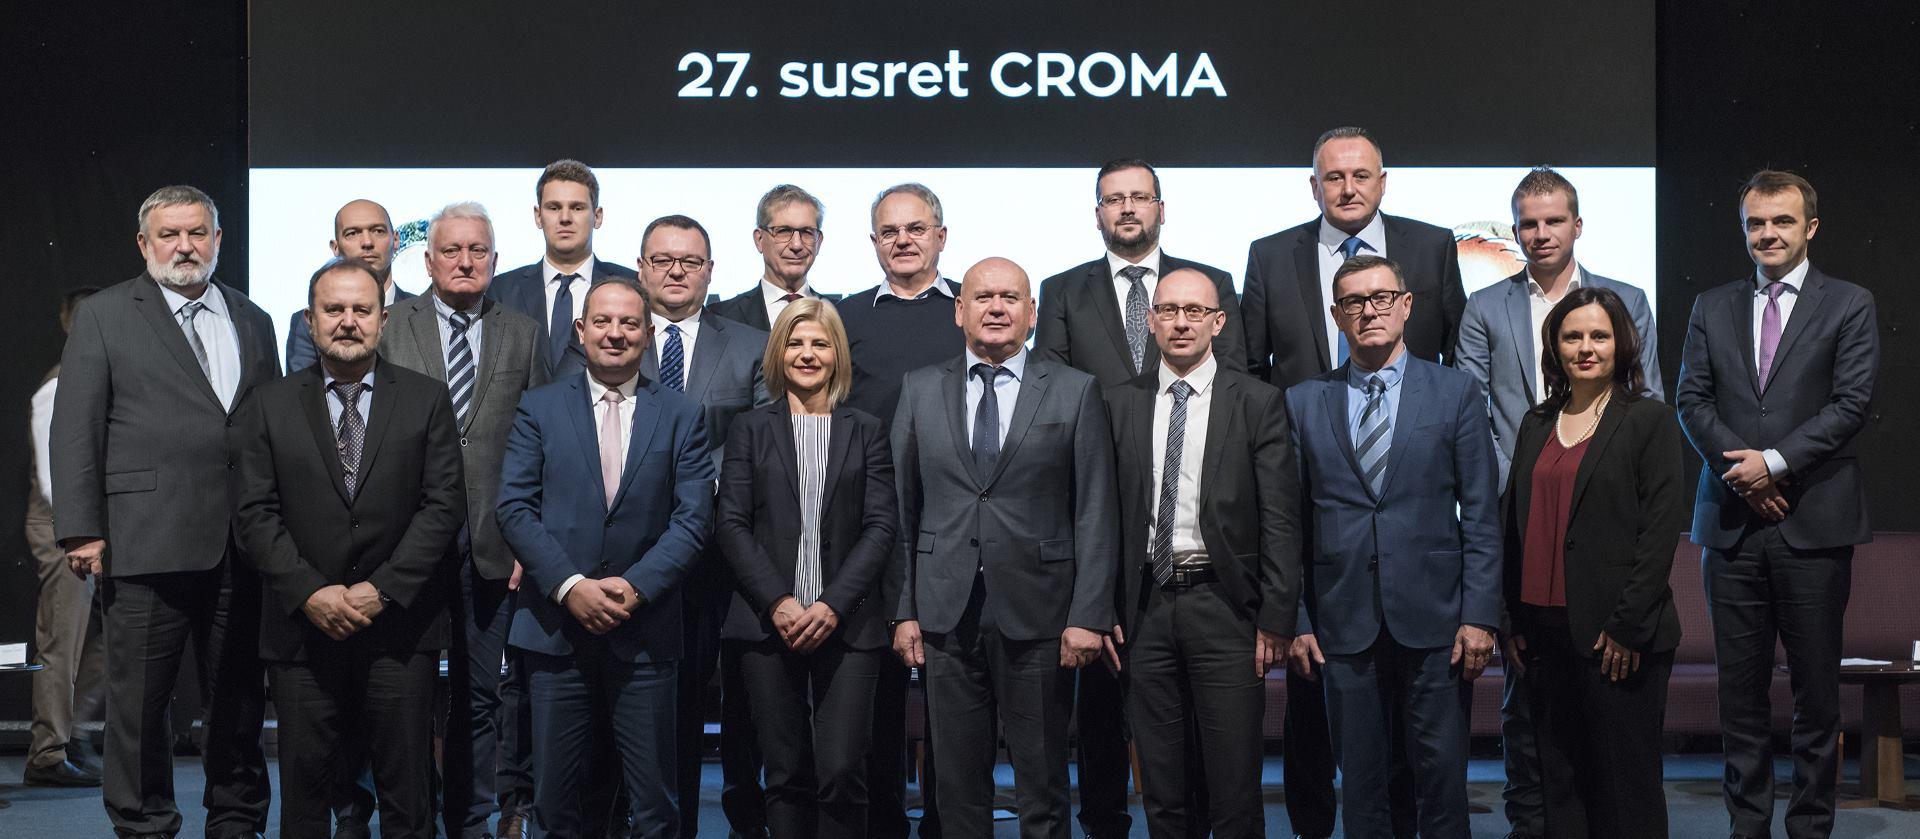 CROMA Menadžeri i poduzetnici 2017. godine